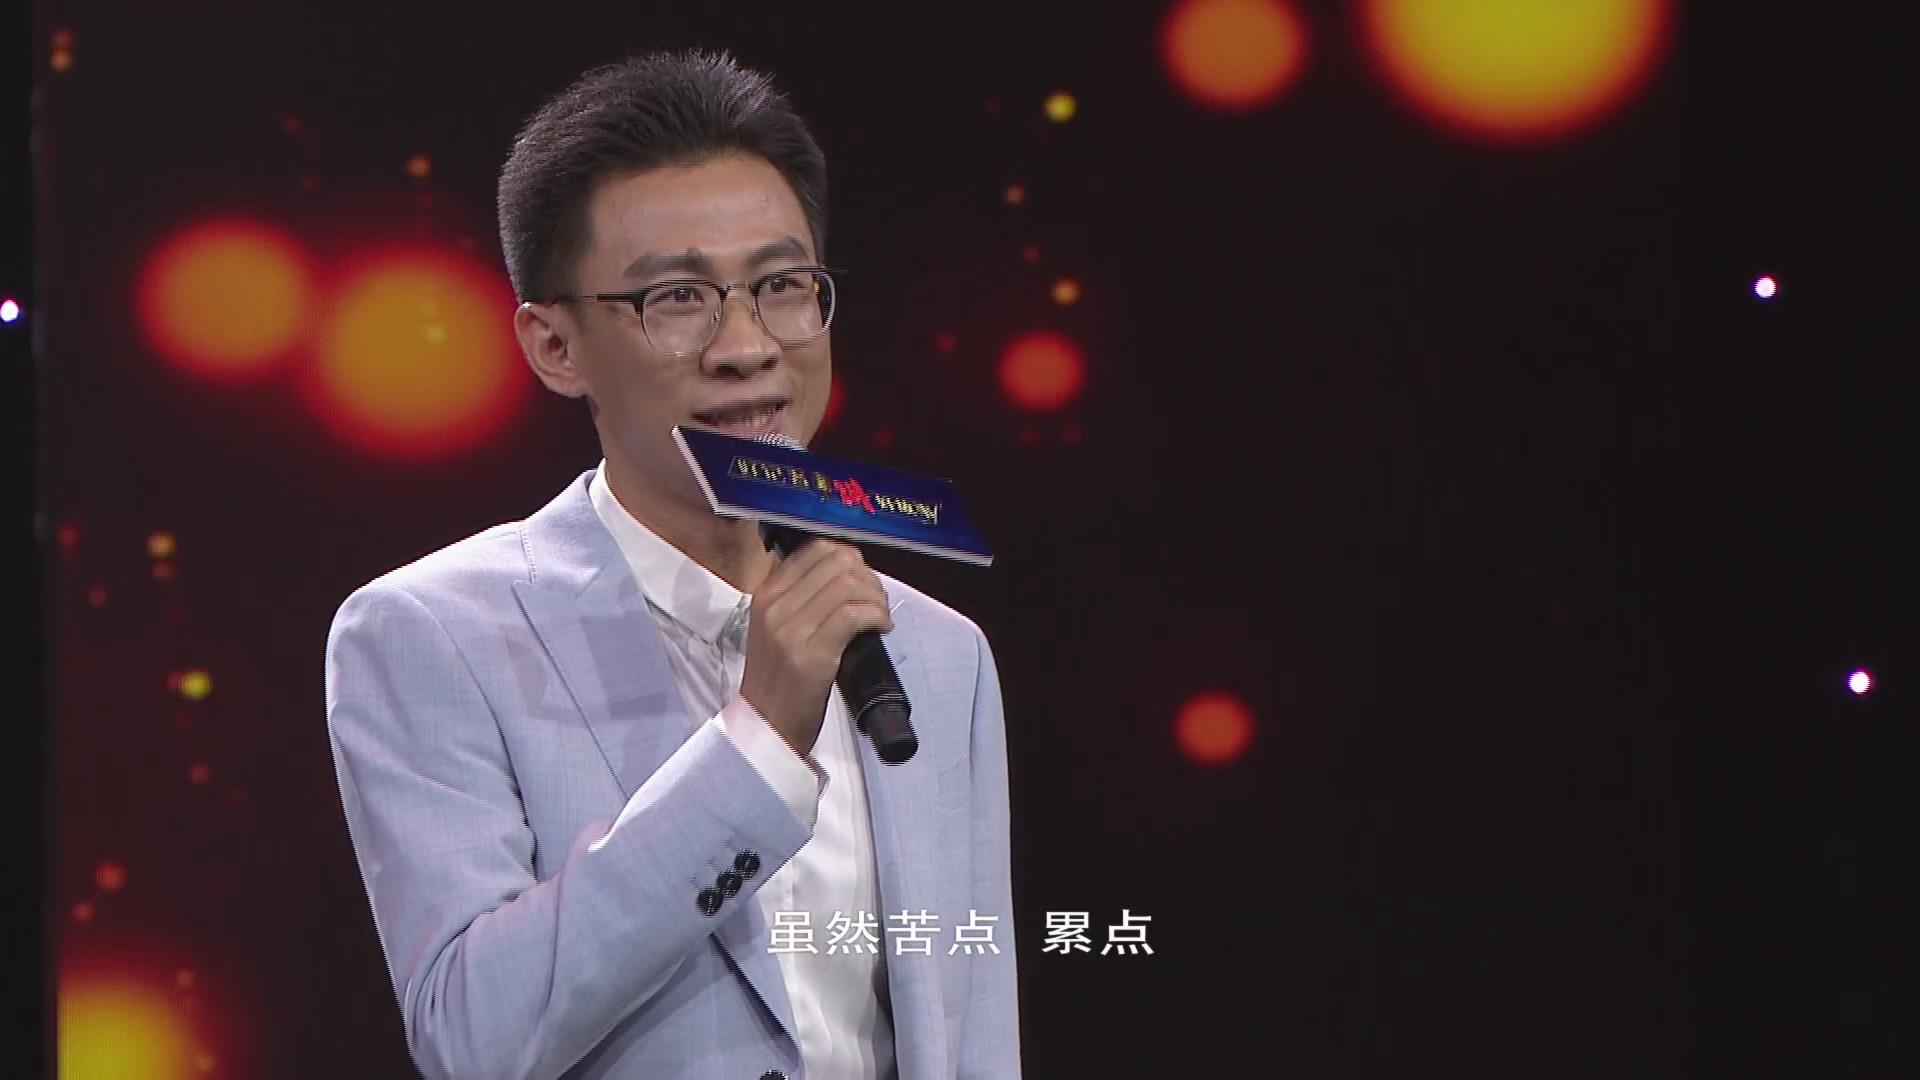 方翔——《与千万农民一起奔跑》